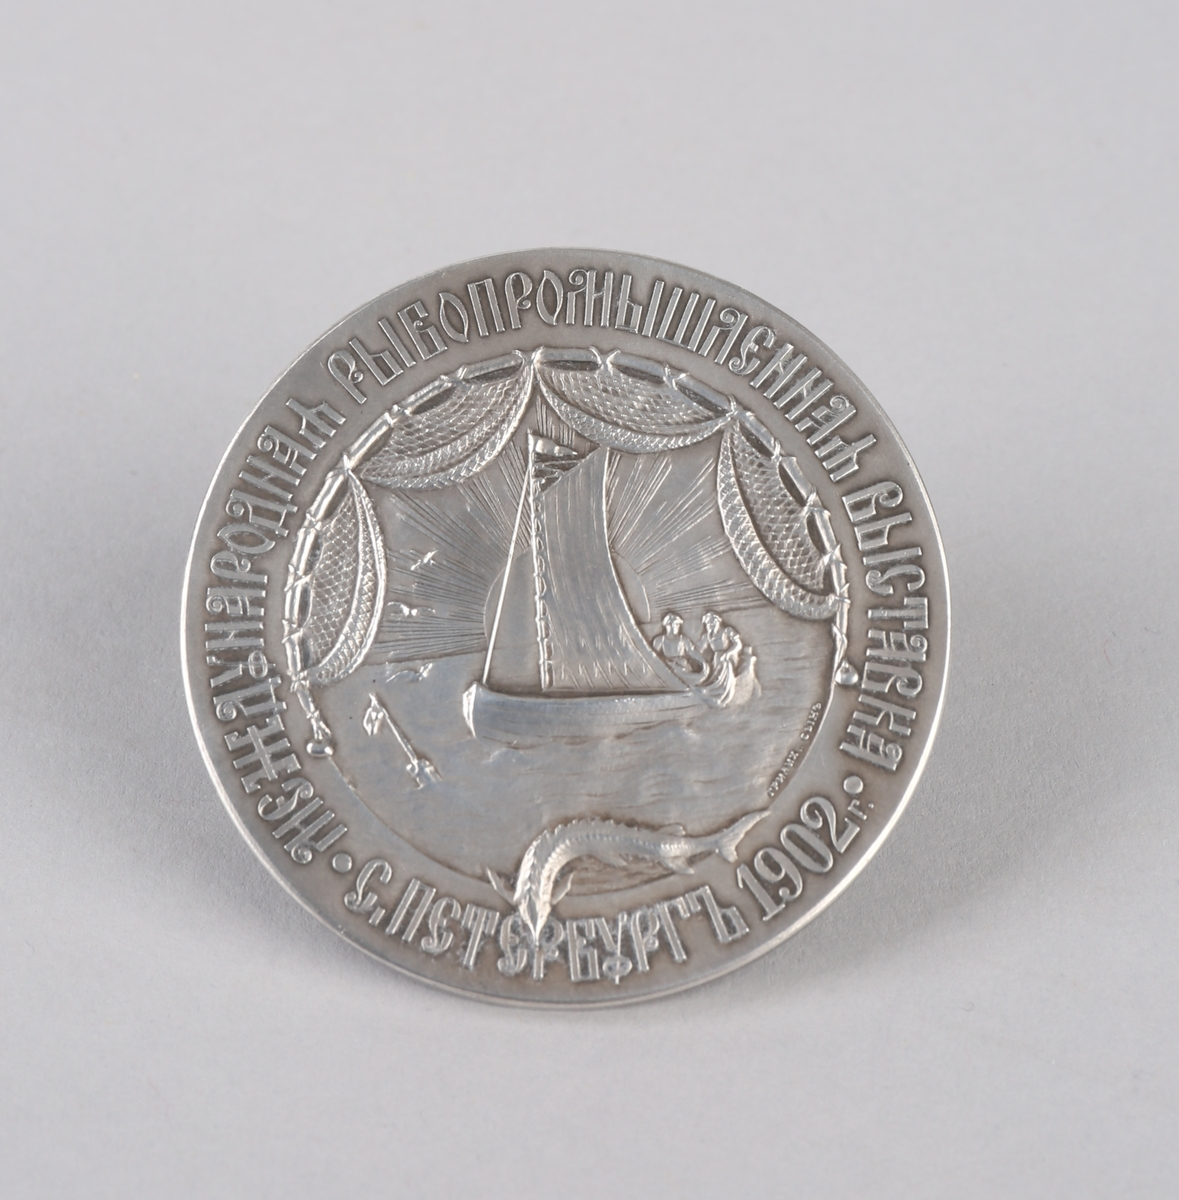 Russisk medalje fra 1902 med motiv av seilfartøy med to personer ombord som setter garn/trekker garn, russisk våpenskjold, samt tekst. Ligger i liten eske.